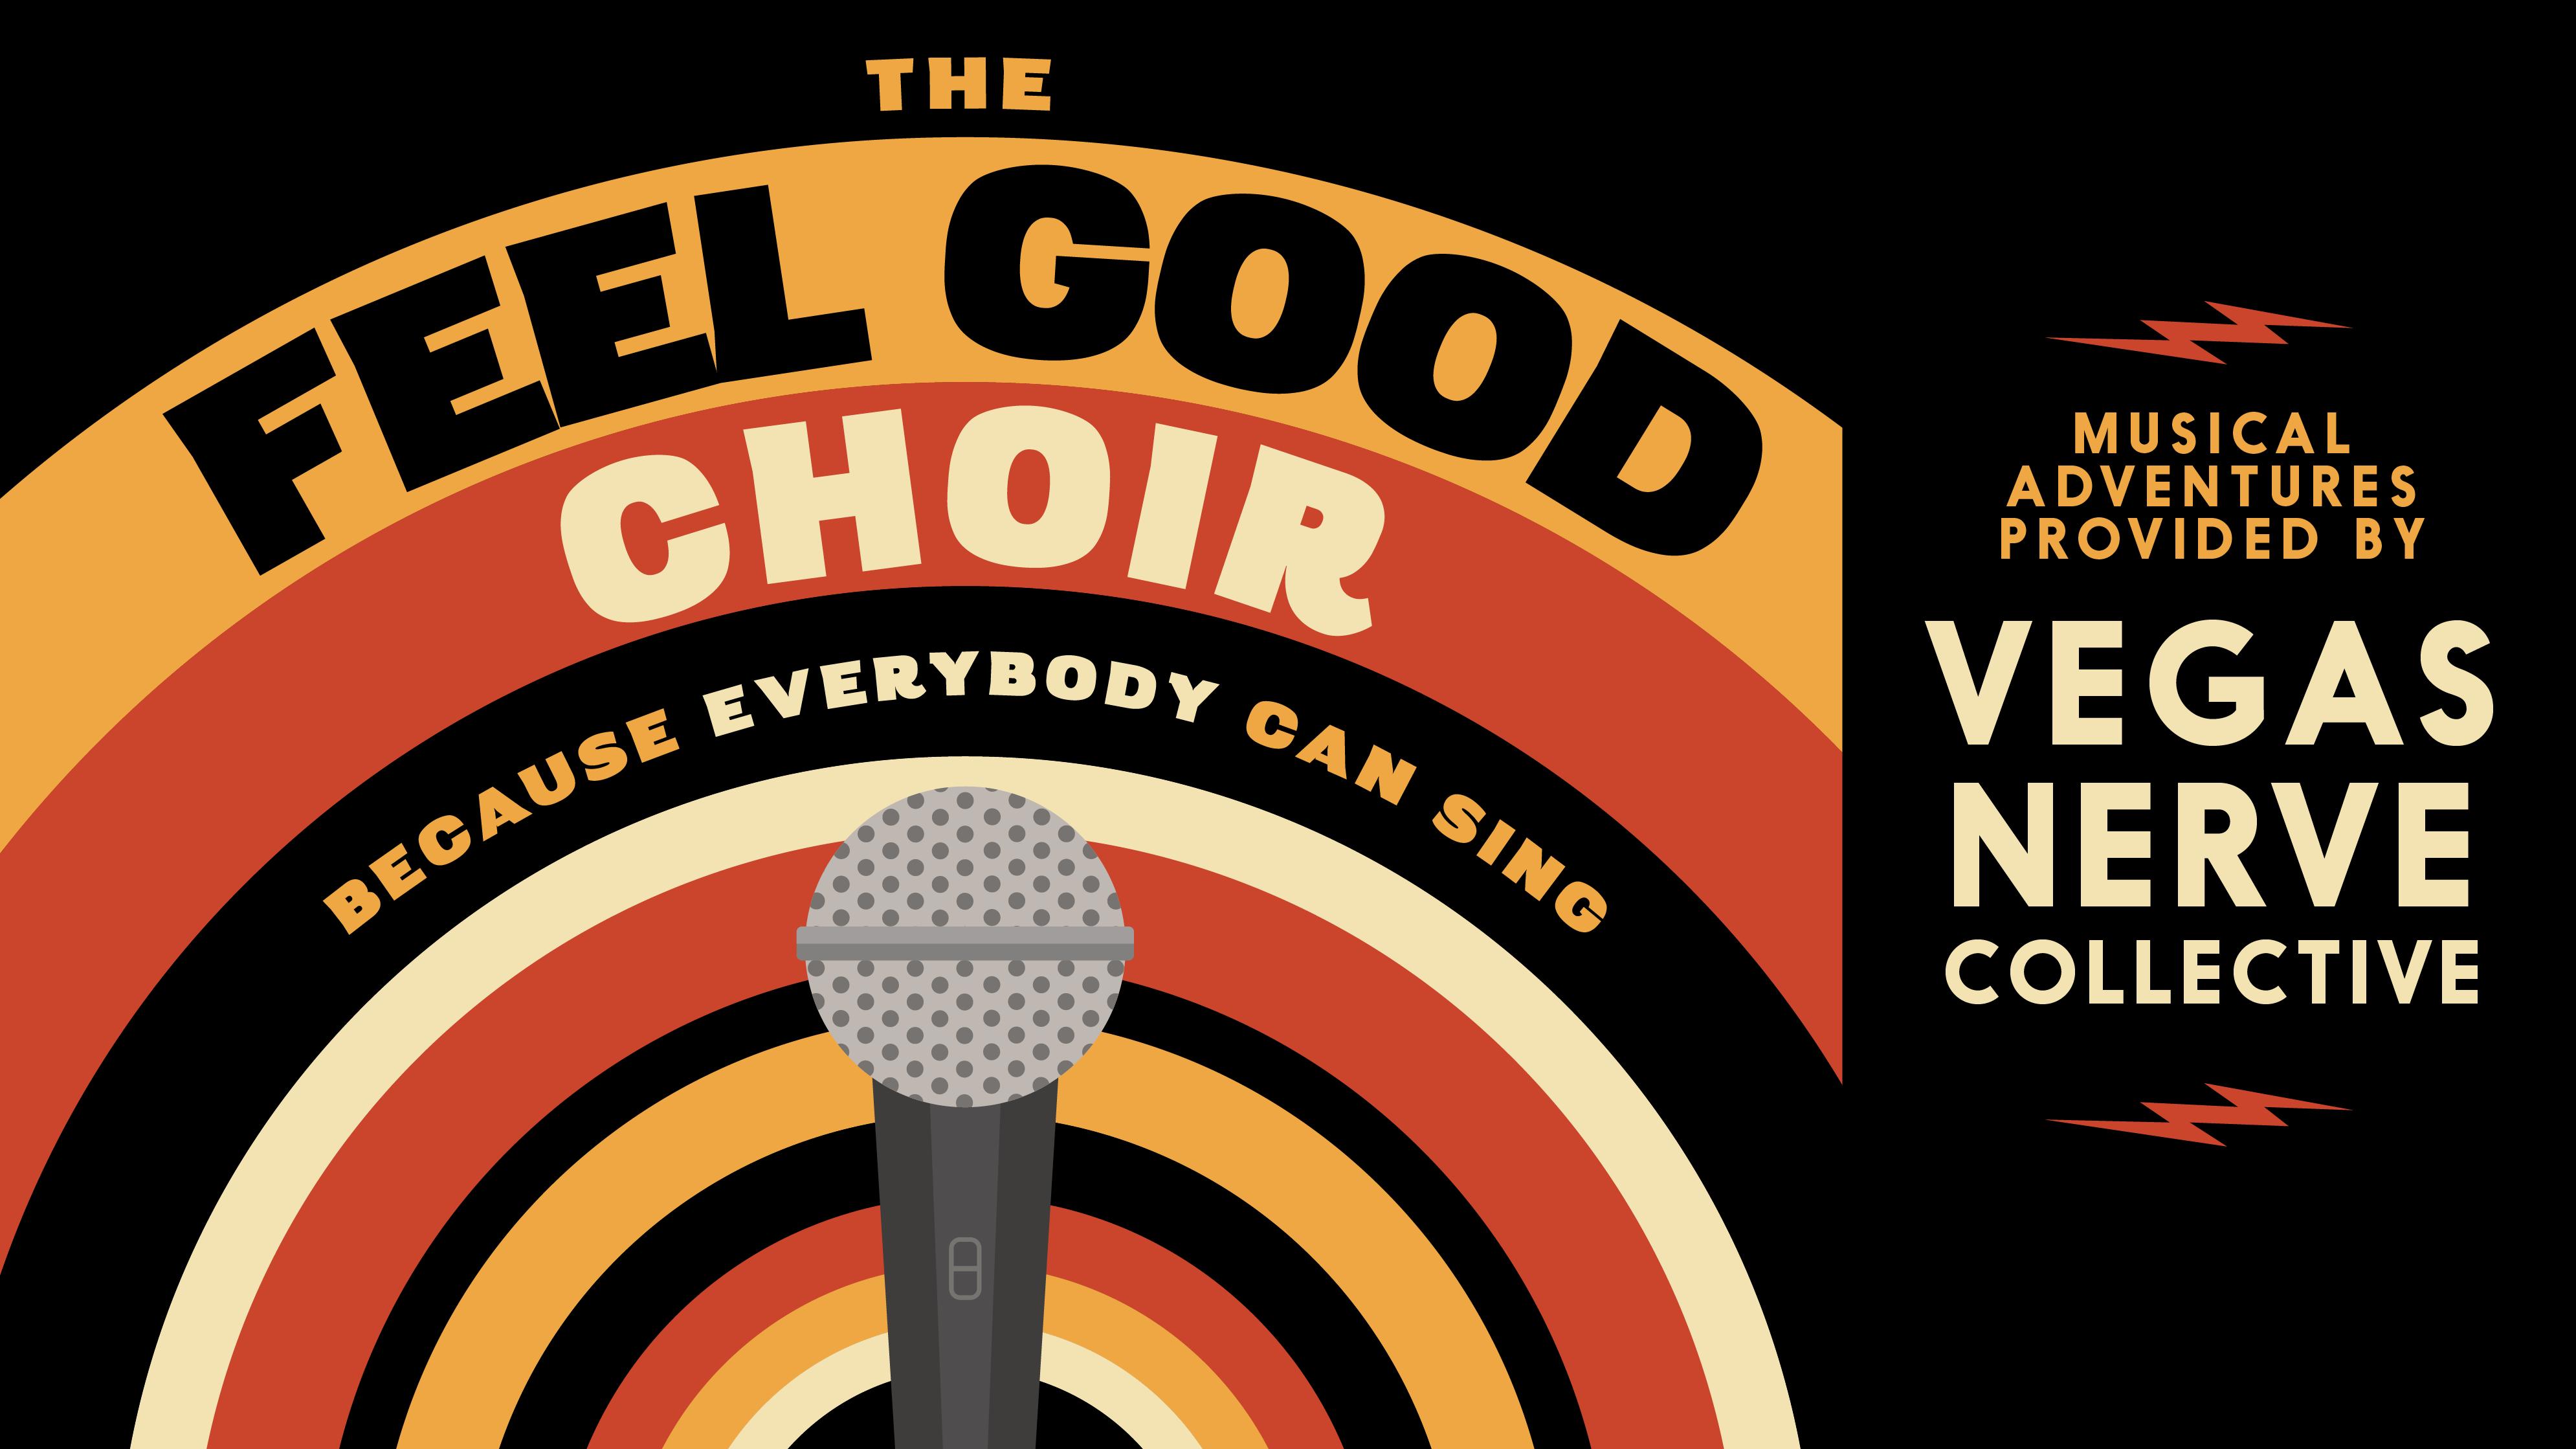 Feel Good Choir